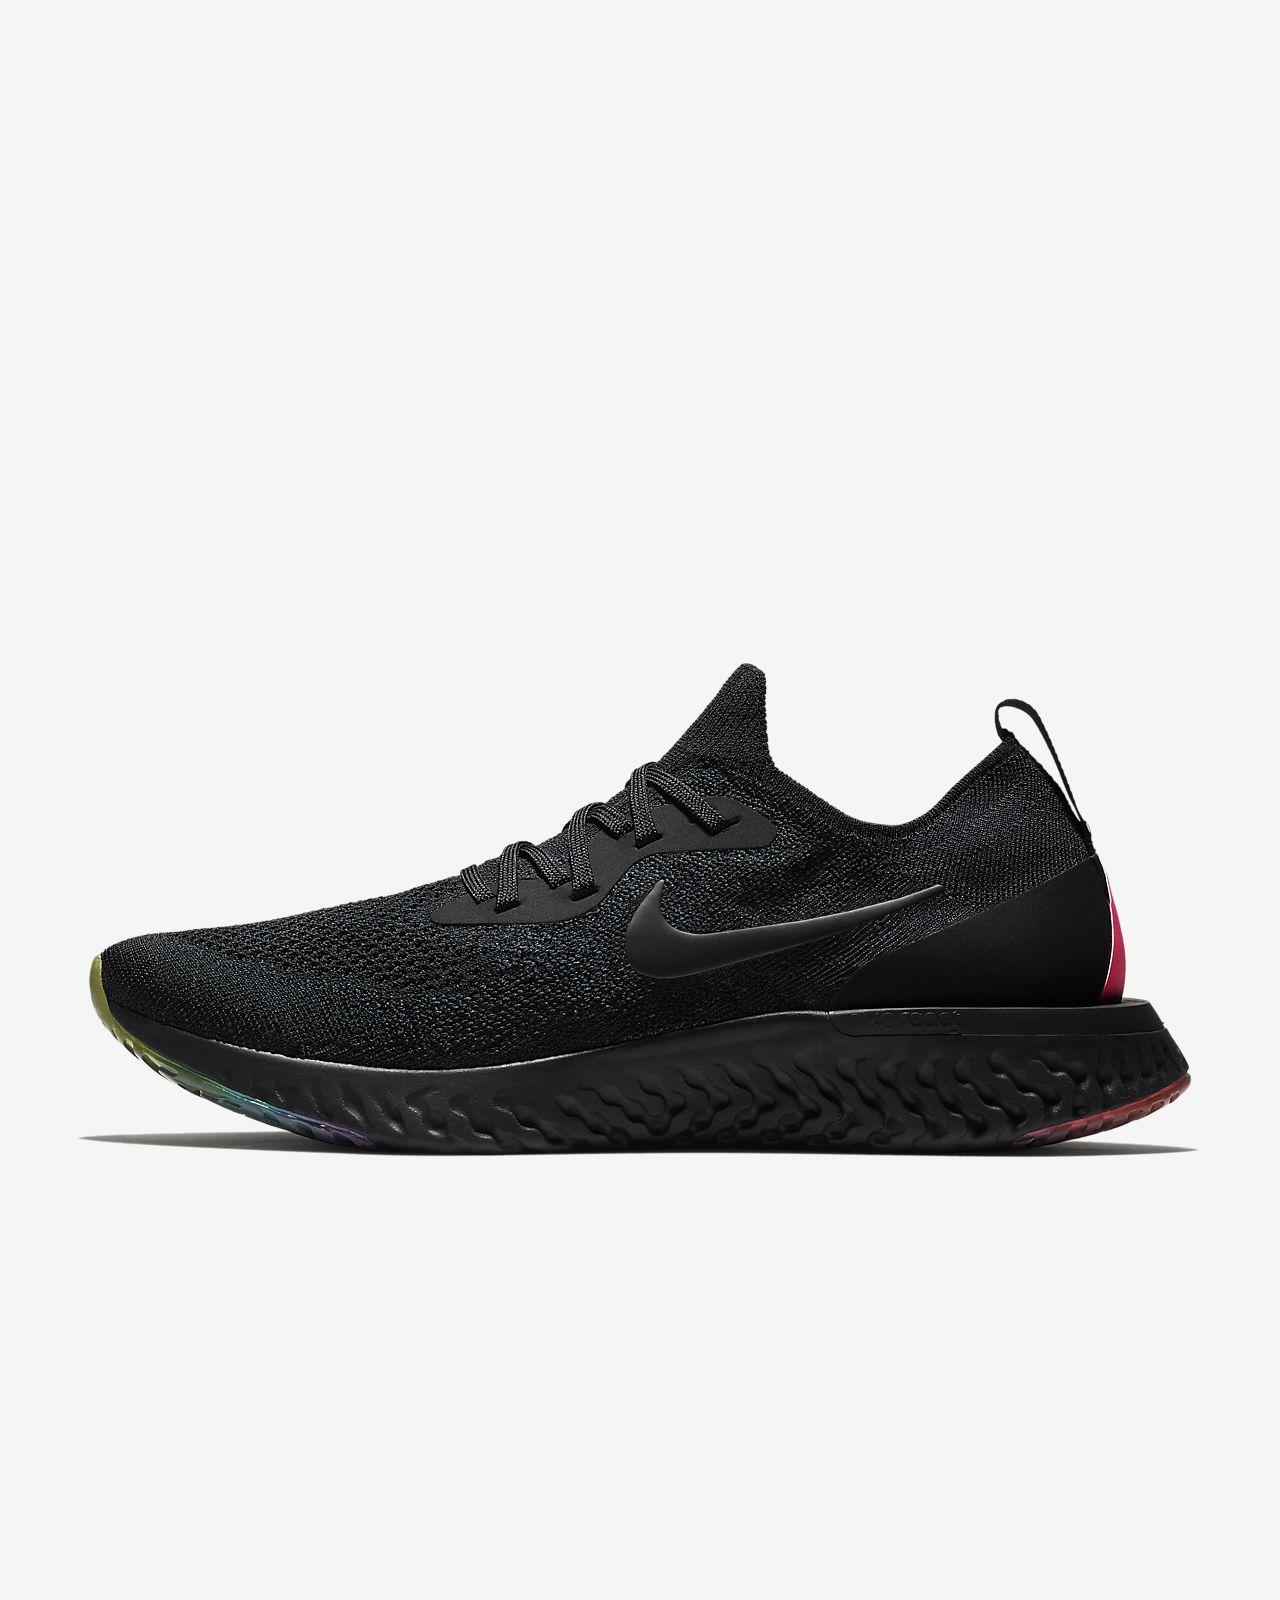 bcf96b16d92c Nike Epic React Flyknit BETRUE Men s Running Shoe. Nike.com